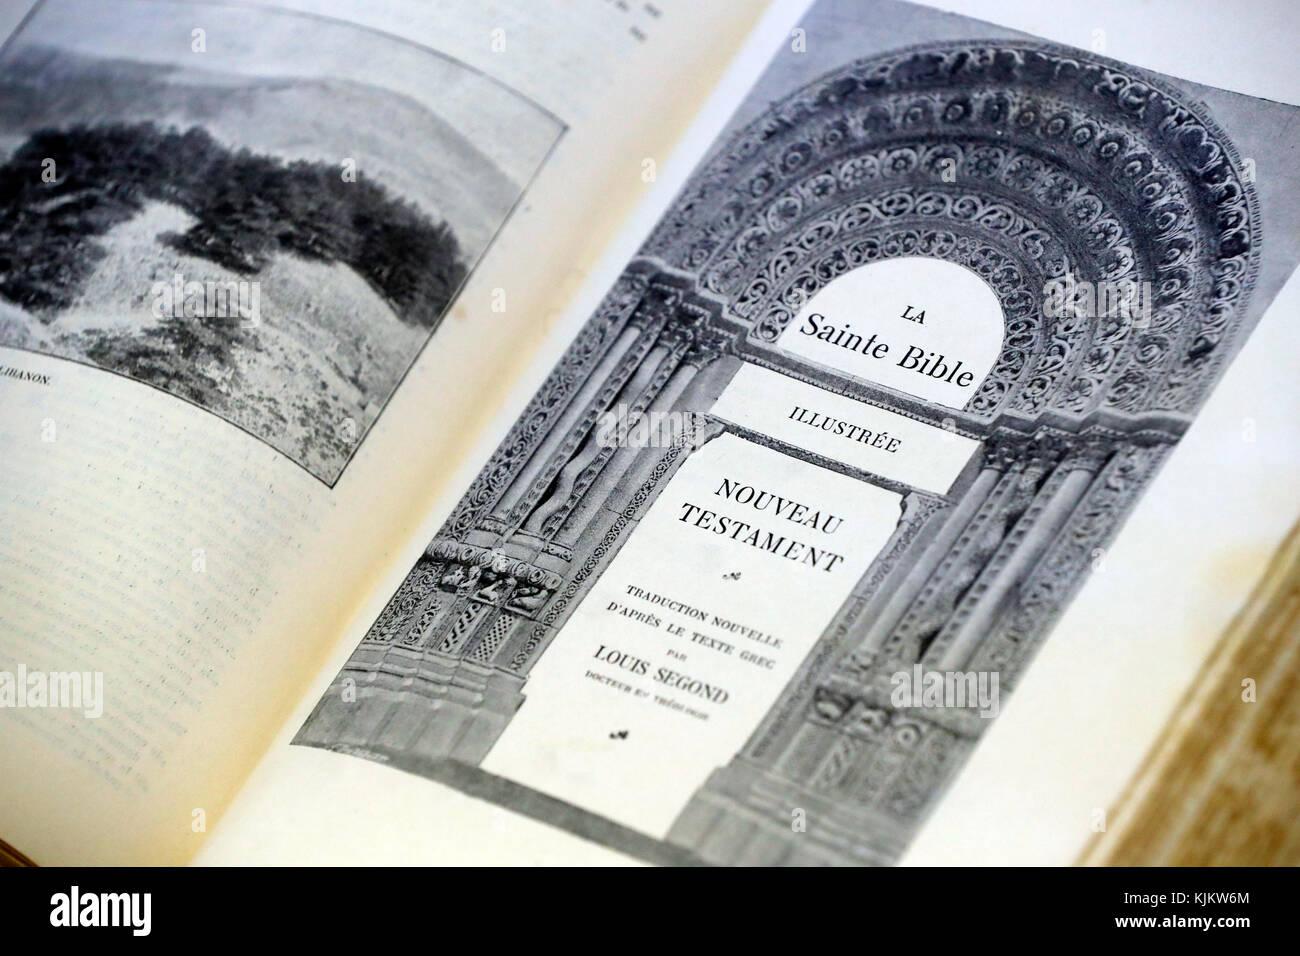 Eglise Protestante EvangŽlique libre de Cluses. Ancienne de la Bible. La France. Église protestante. Old Holy Photo Stock